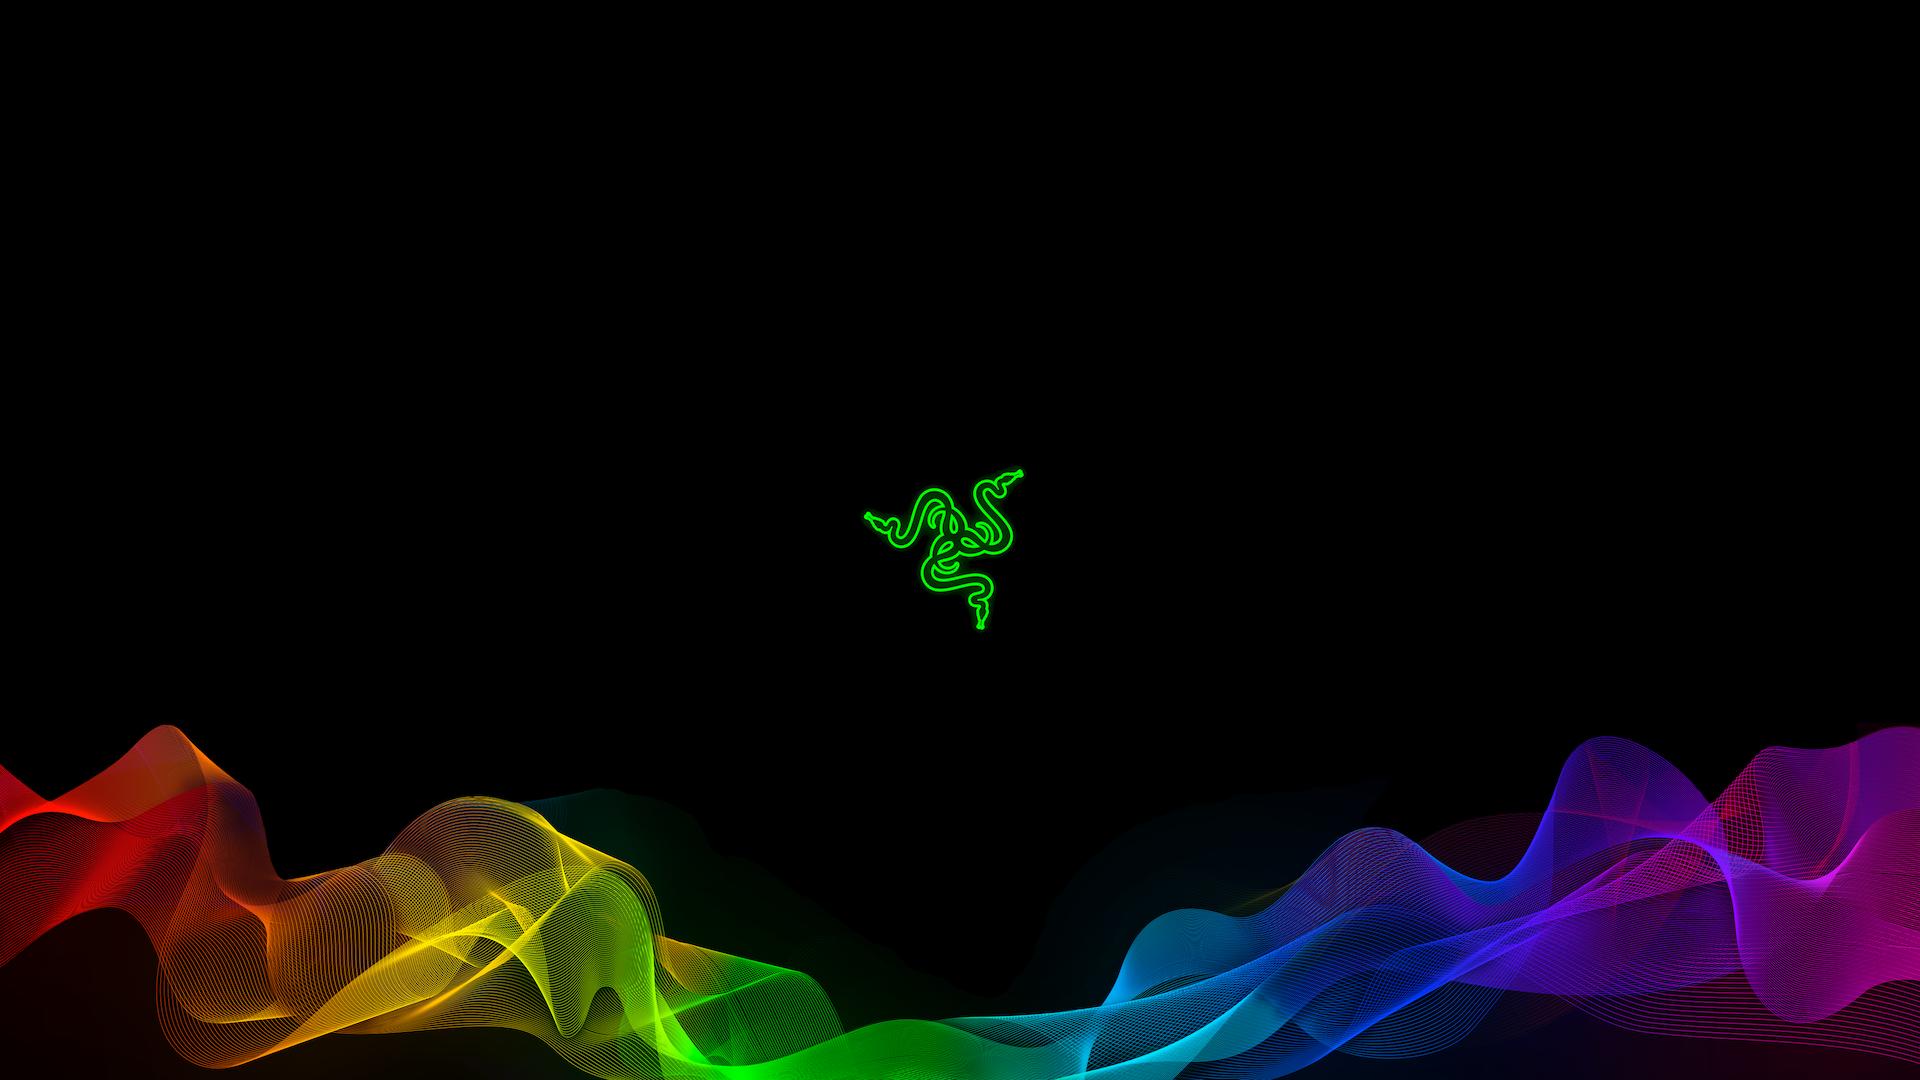 Razer Blade Stealth Background Papeis De Parede De Jogos Imagem De Fundo De Computador Wallpapers Para Pc